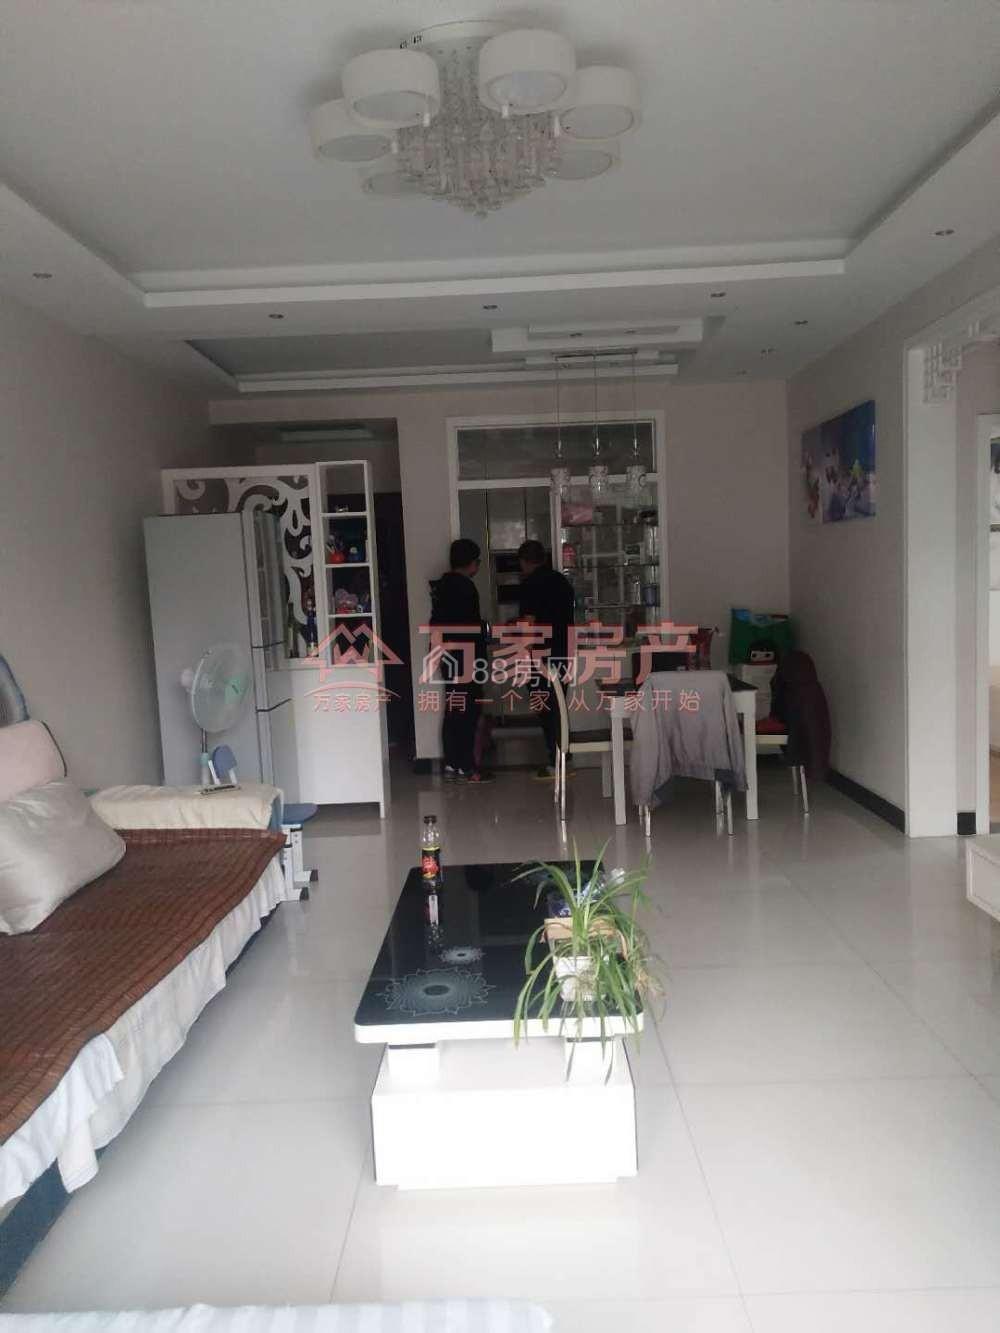 锦芙蓉 1500元 2室2厅1卫 精装修家电全齐,大型花园社